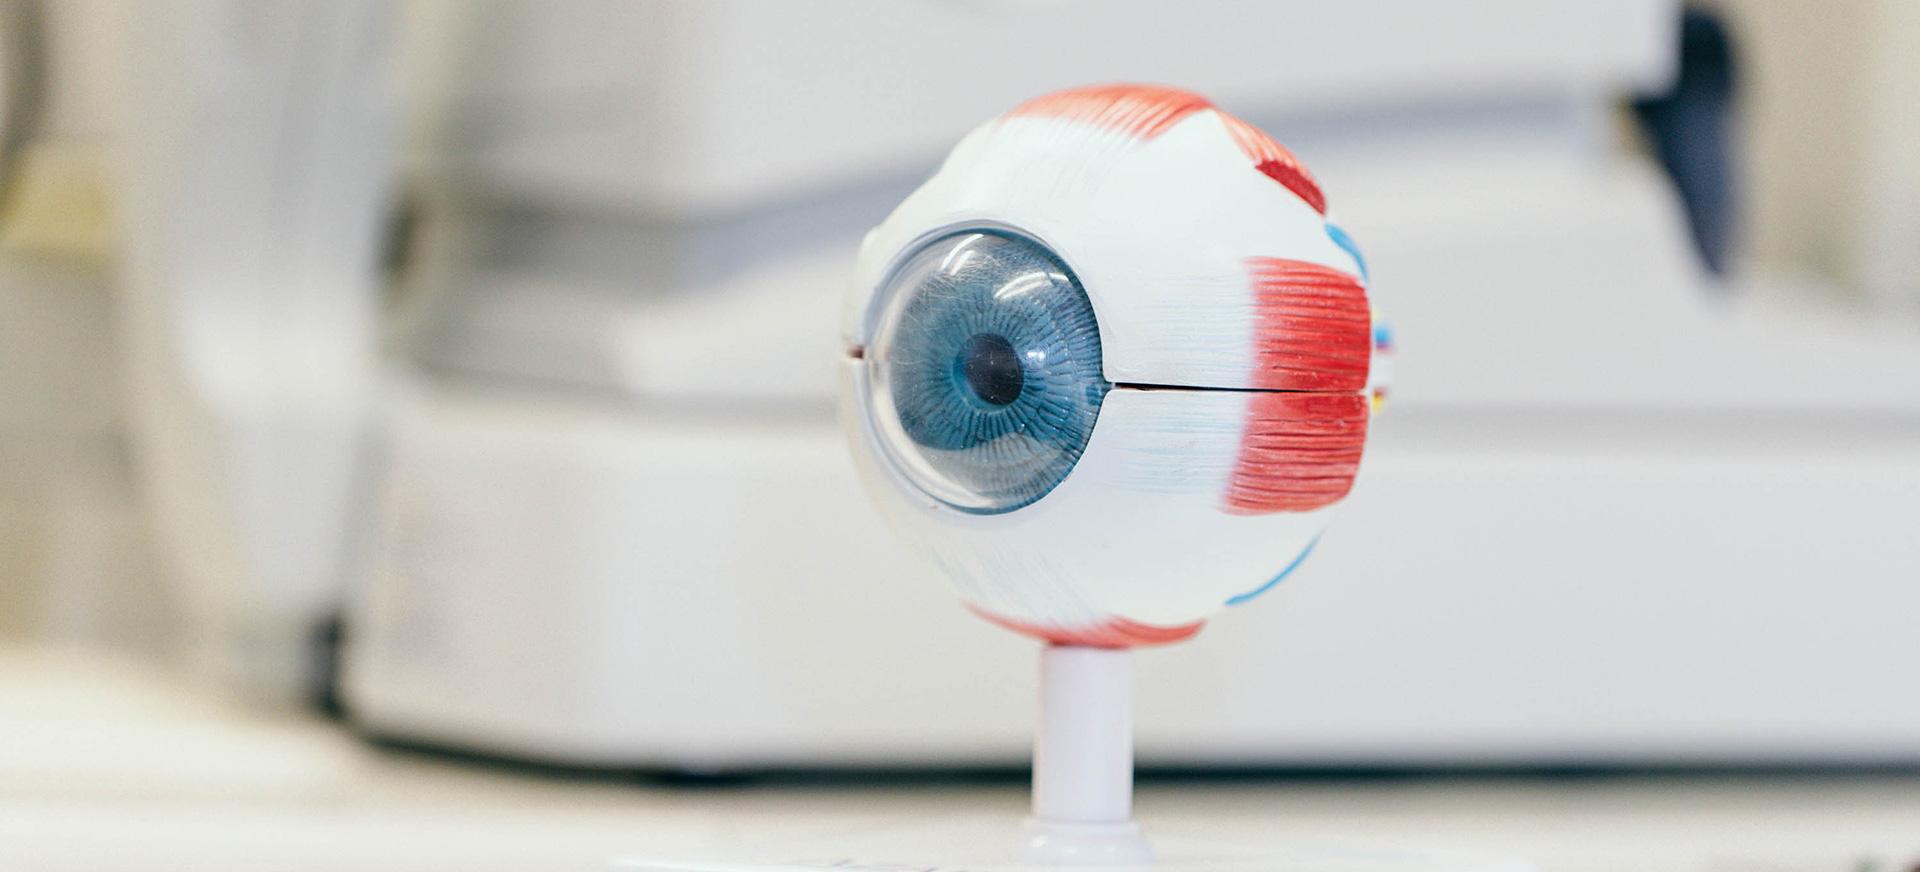 La chirurgie réfractive au laser pour la presbytie à Saint-Brieuc